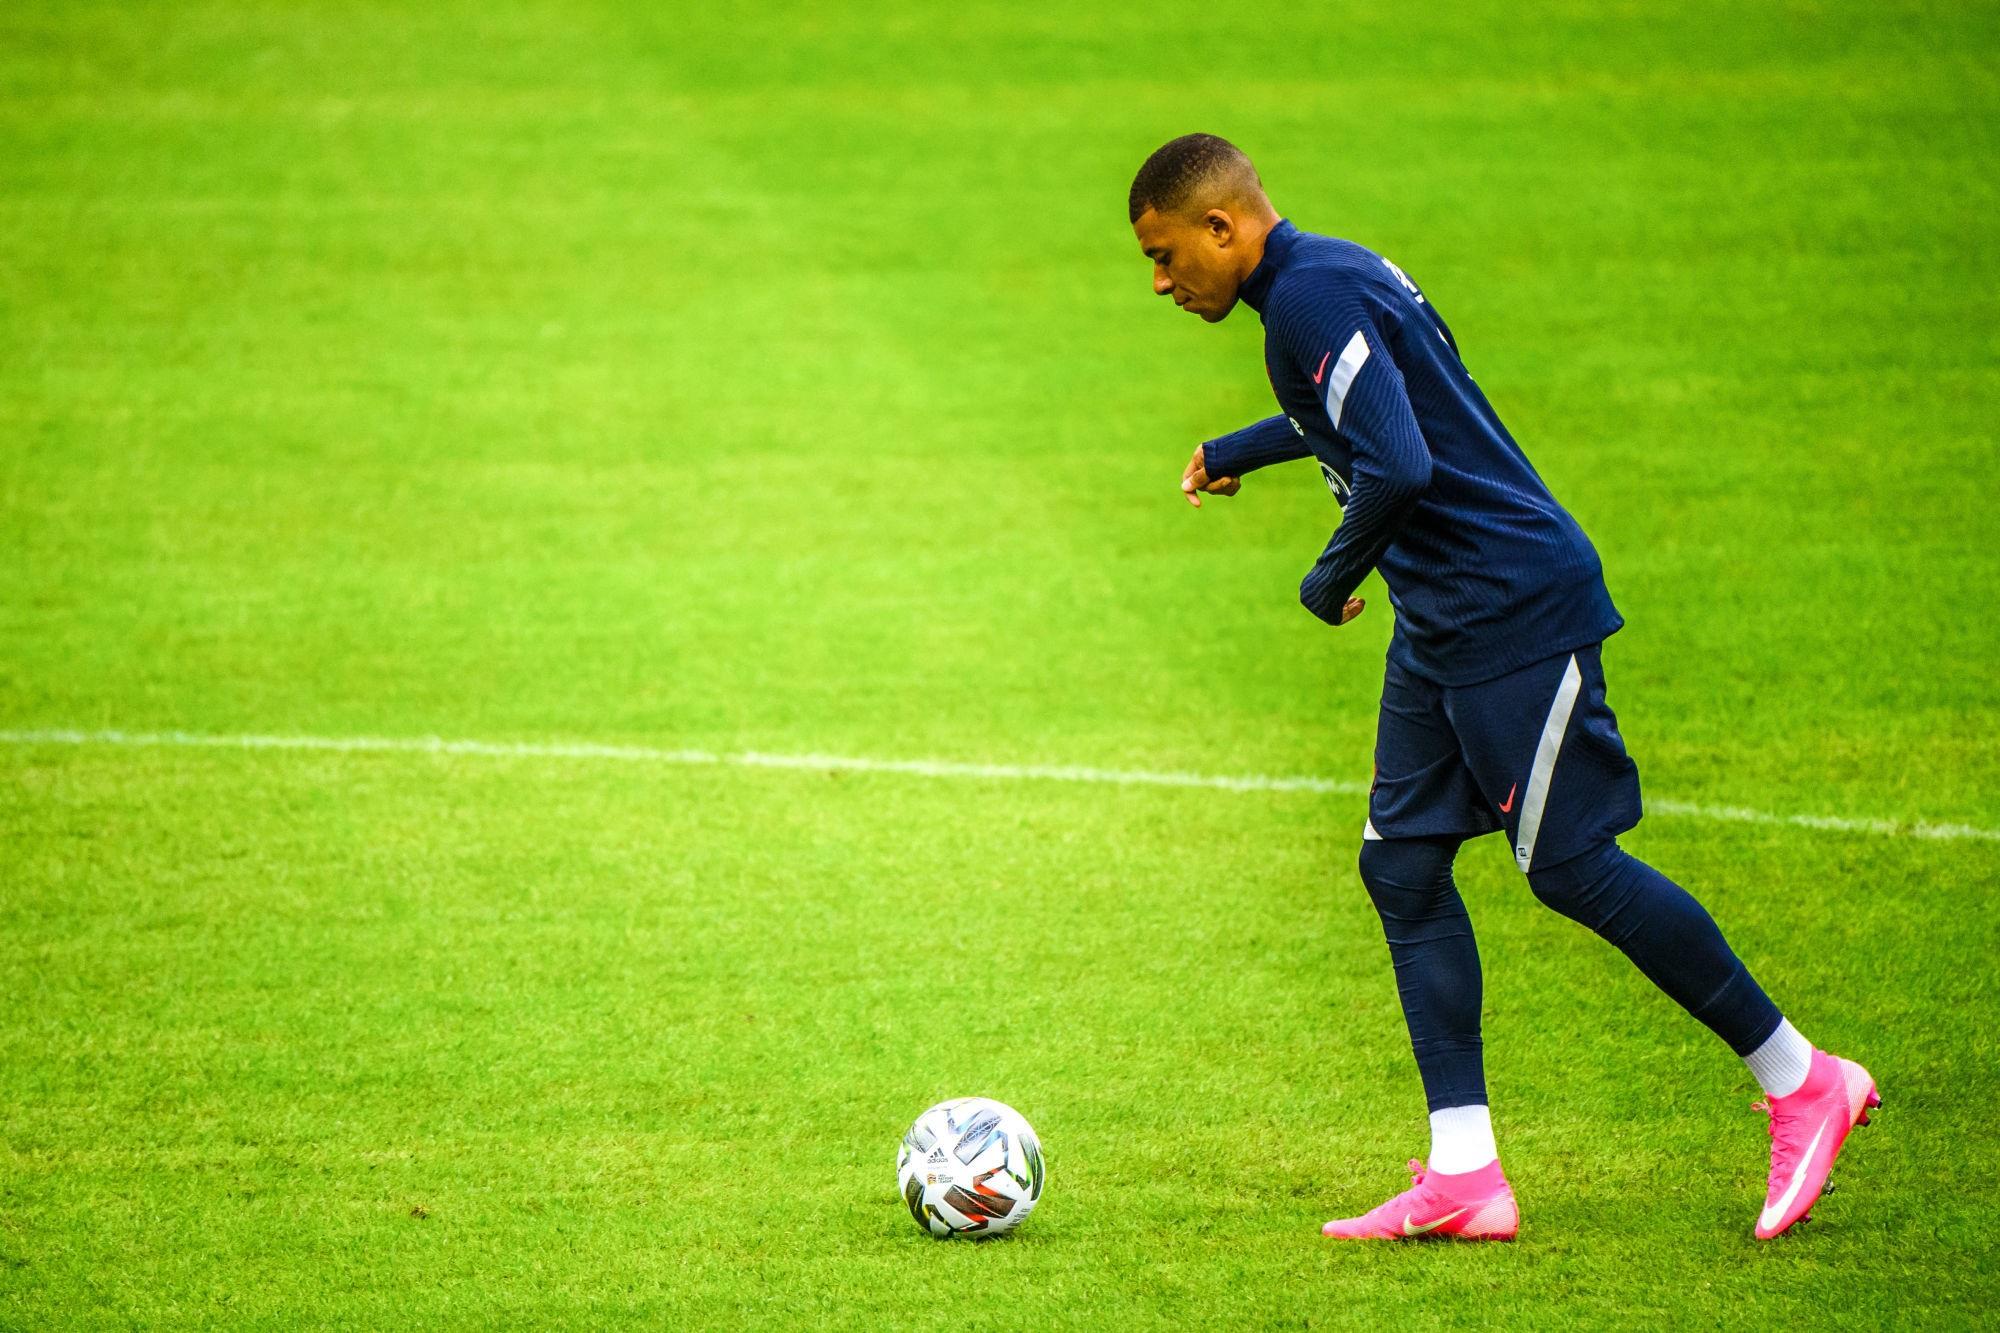 France/Croatie - L'équipe des Bleus d'après L'Equipe, incertitude autour de Mbappé